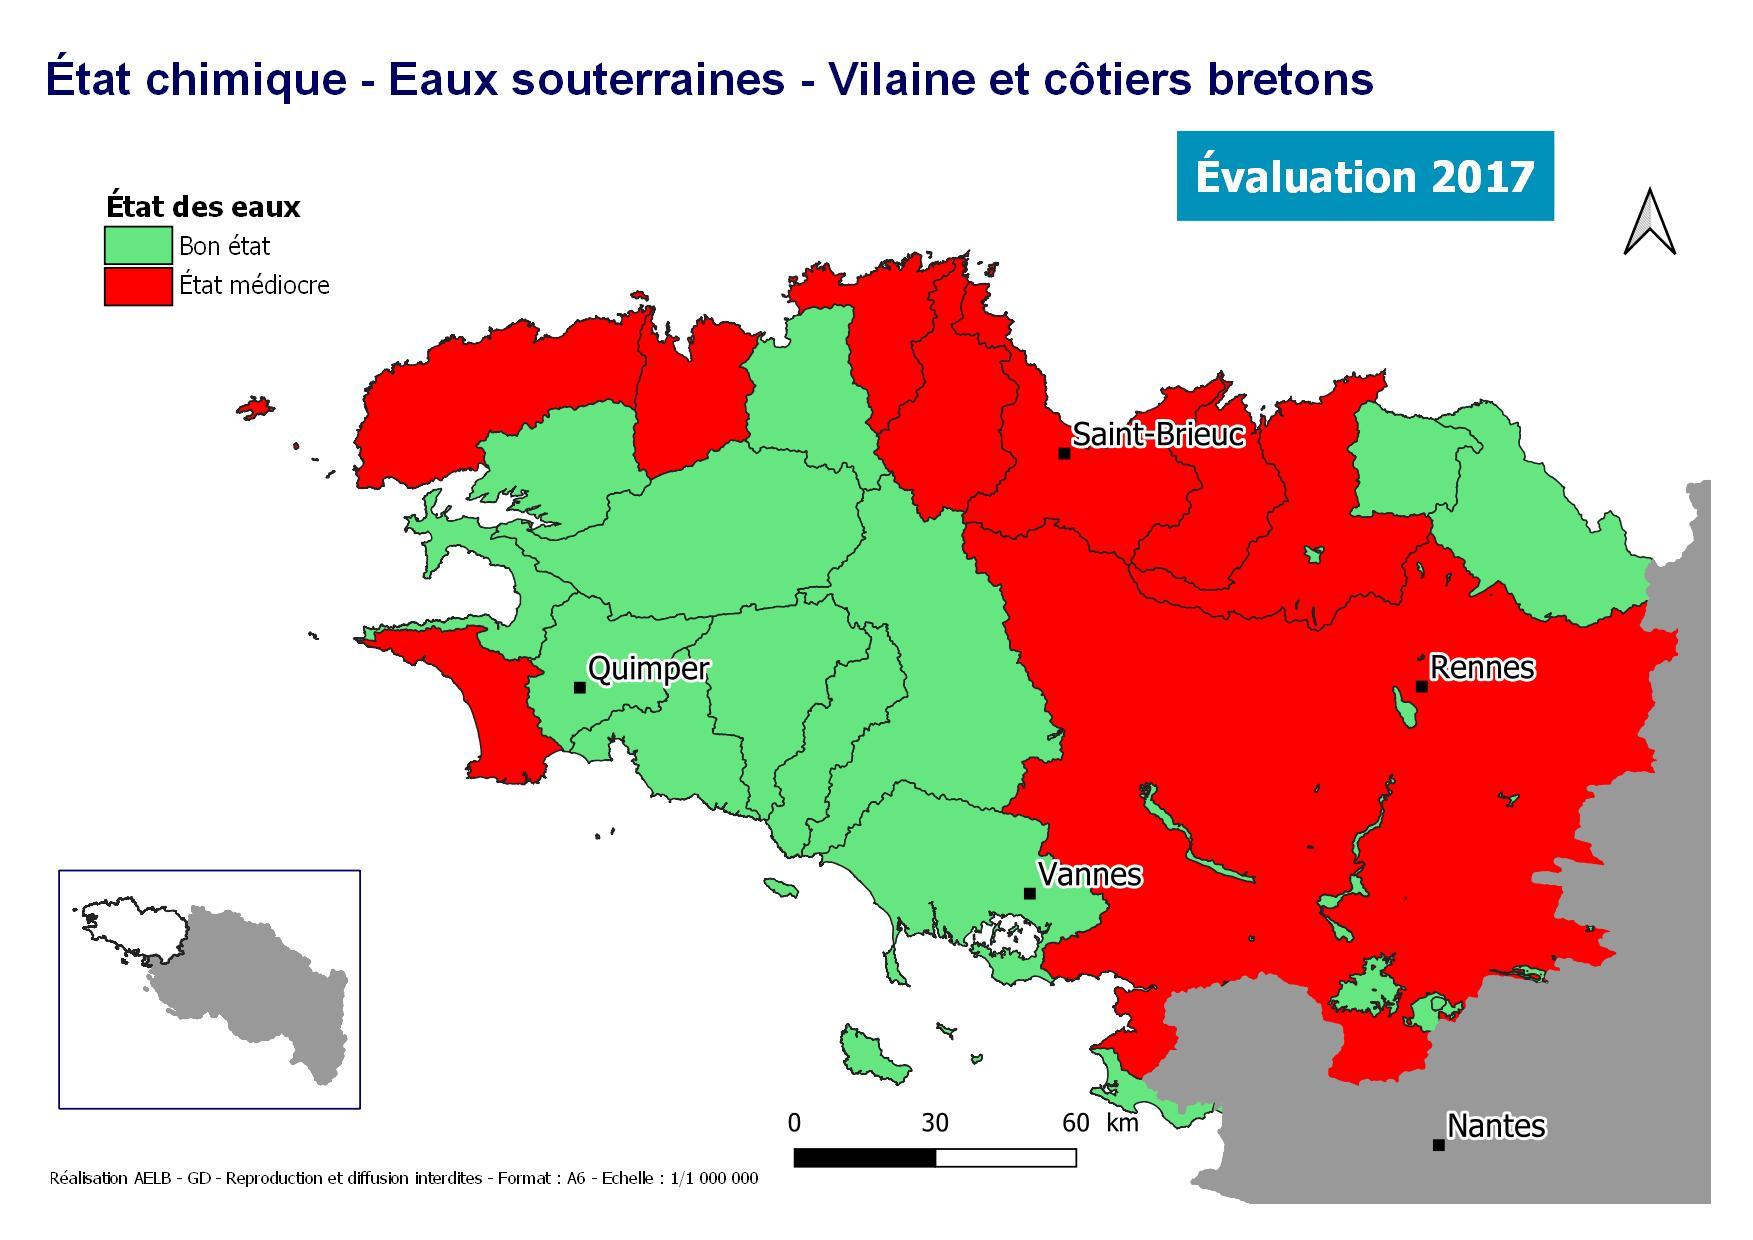 Évaluation 2017 de l'état chimique des eaux souterraines - Vilaine et côtiers bretons